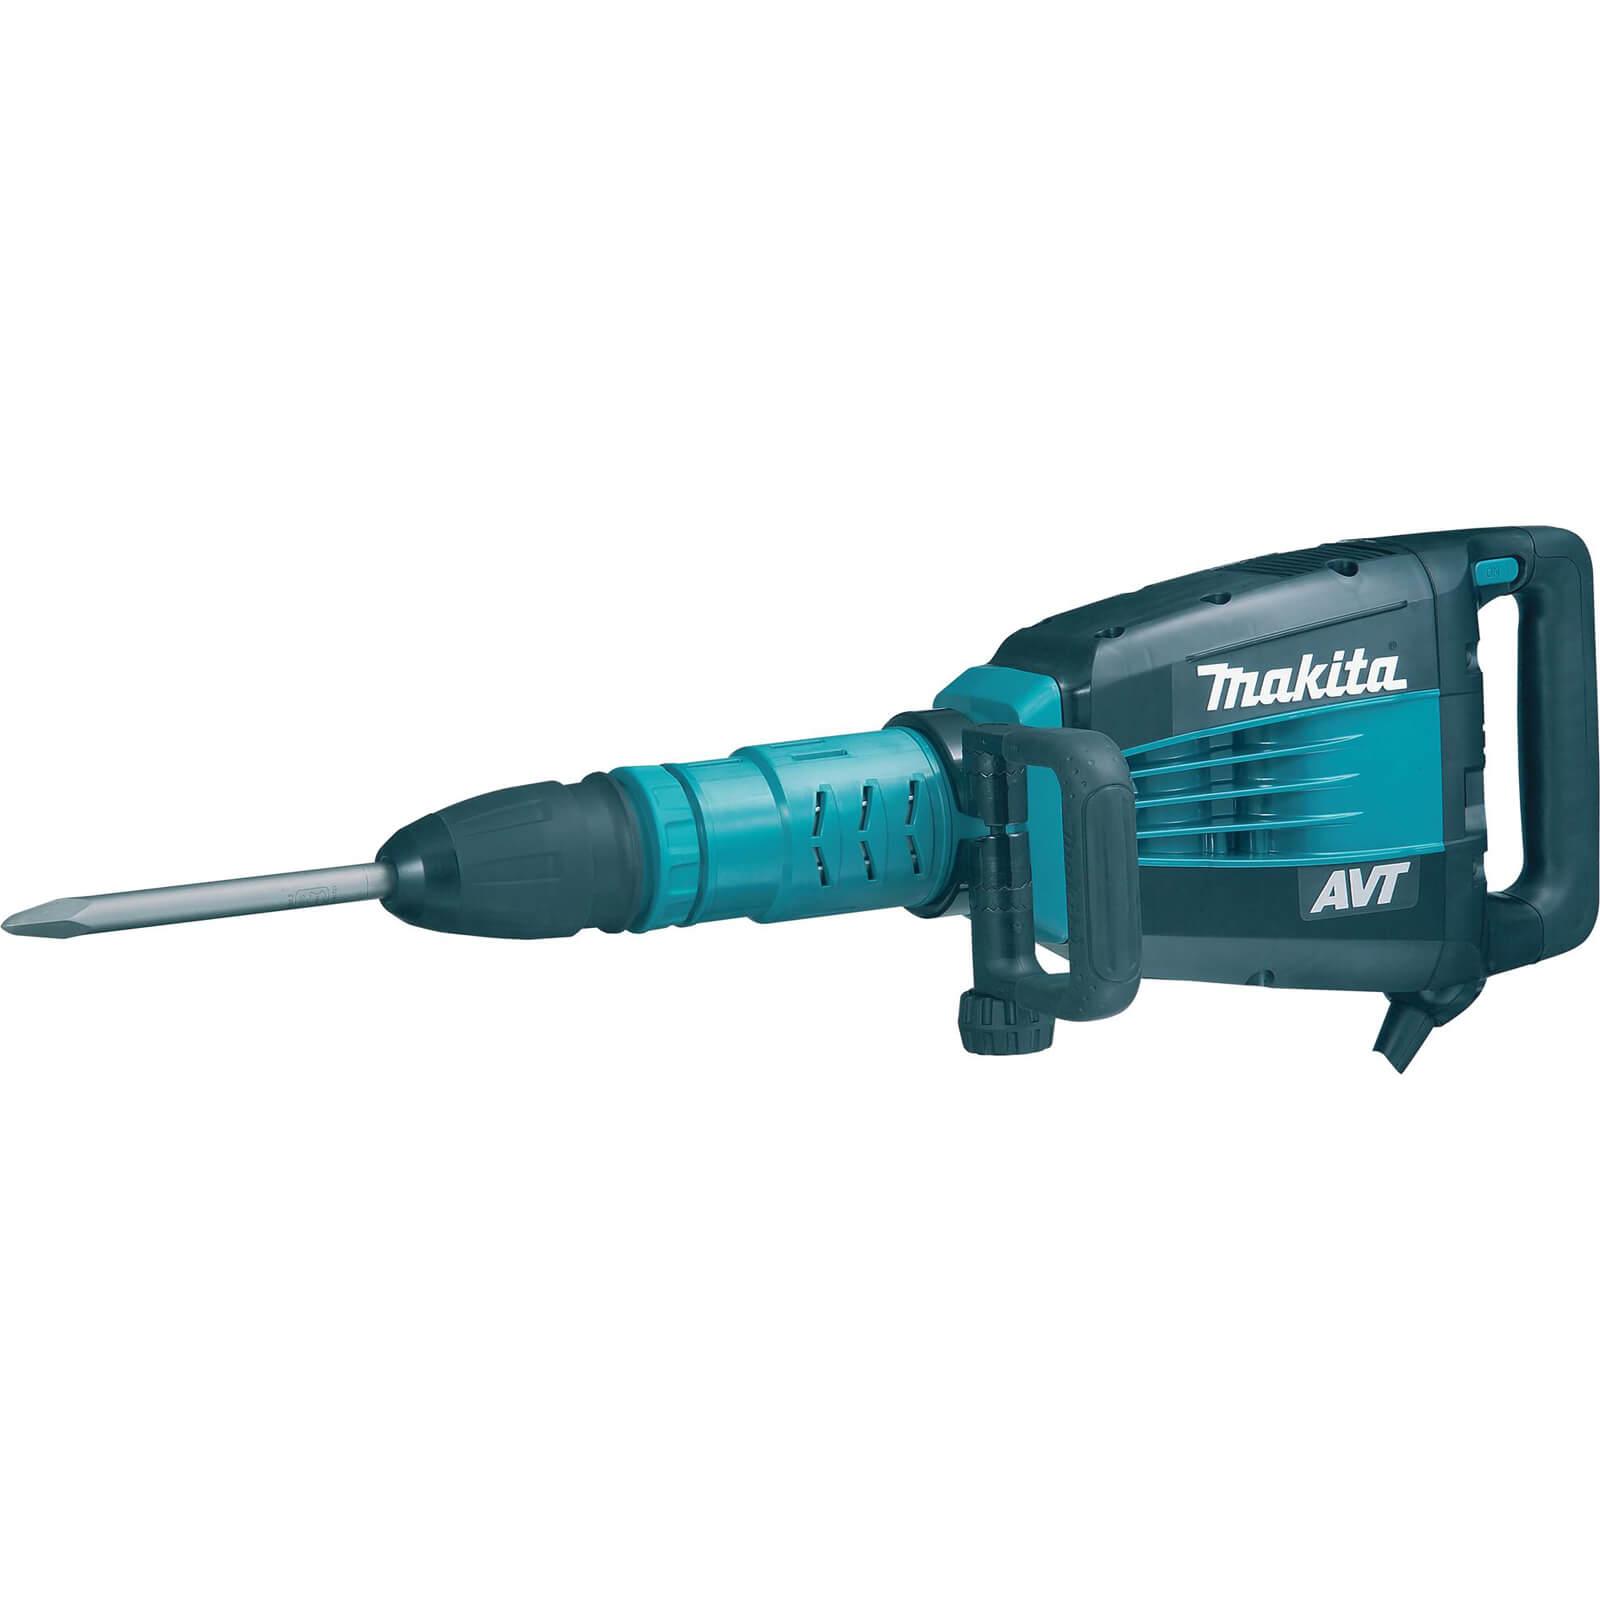 Image of Makita HM1214C SDS Max Demolition Hammer Drill 1500w 110v